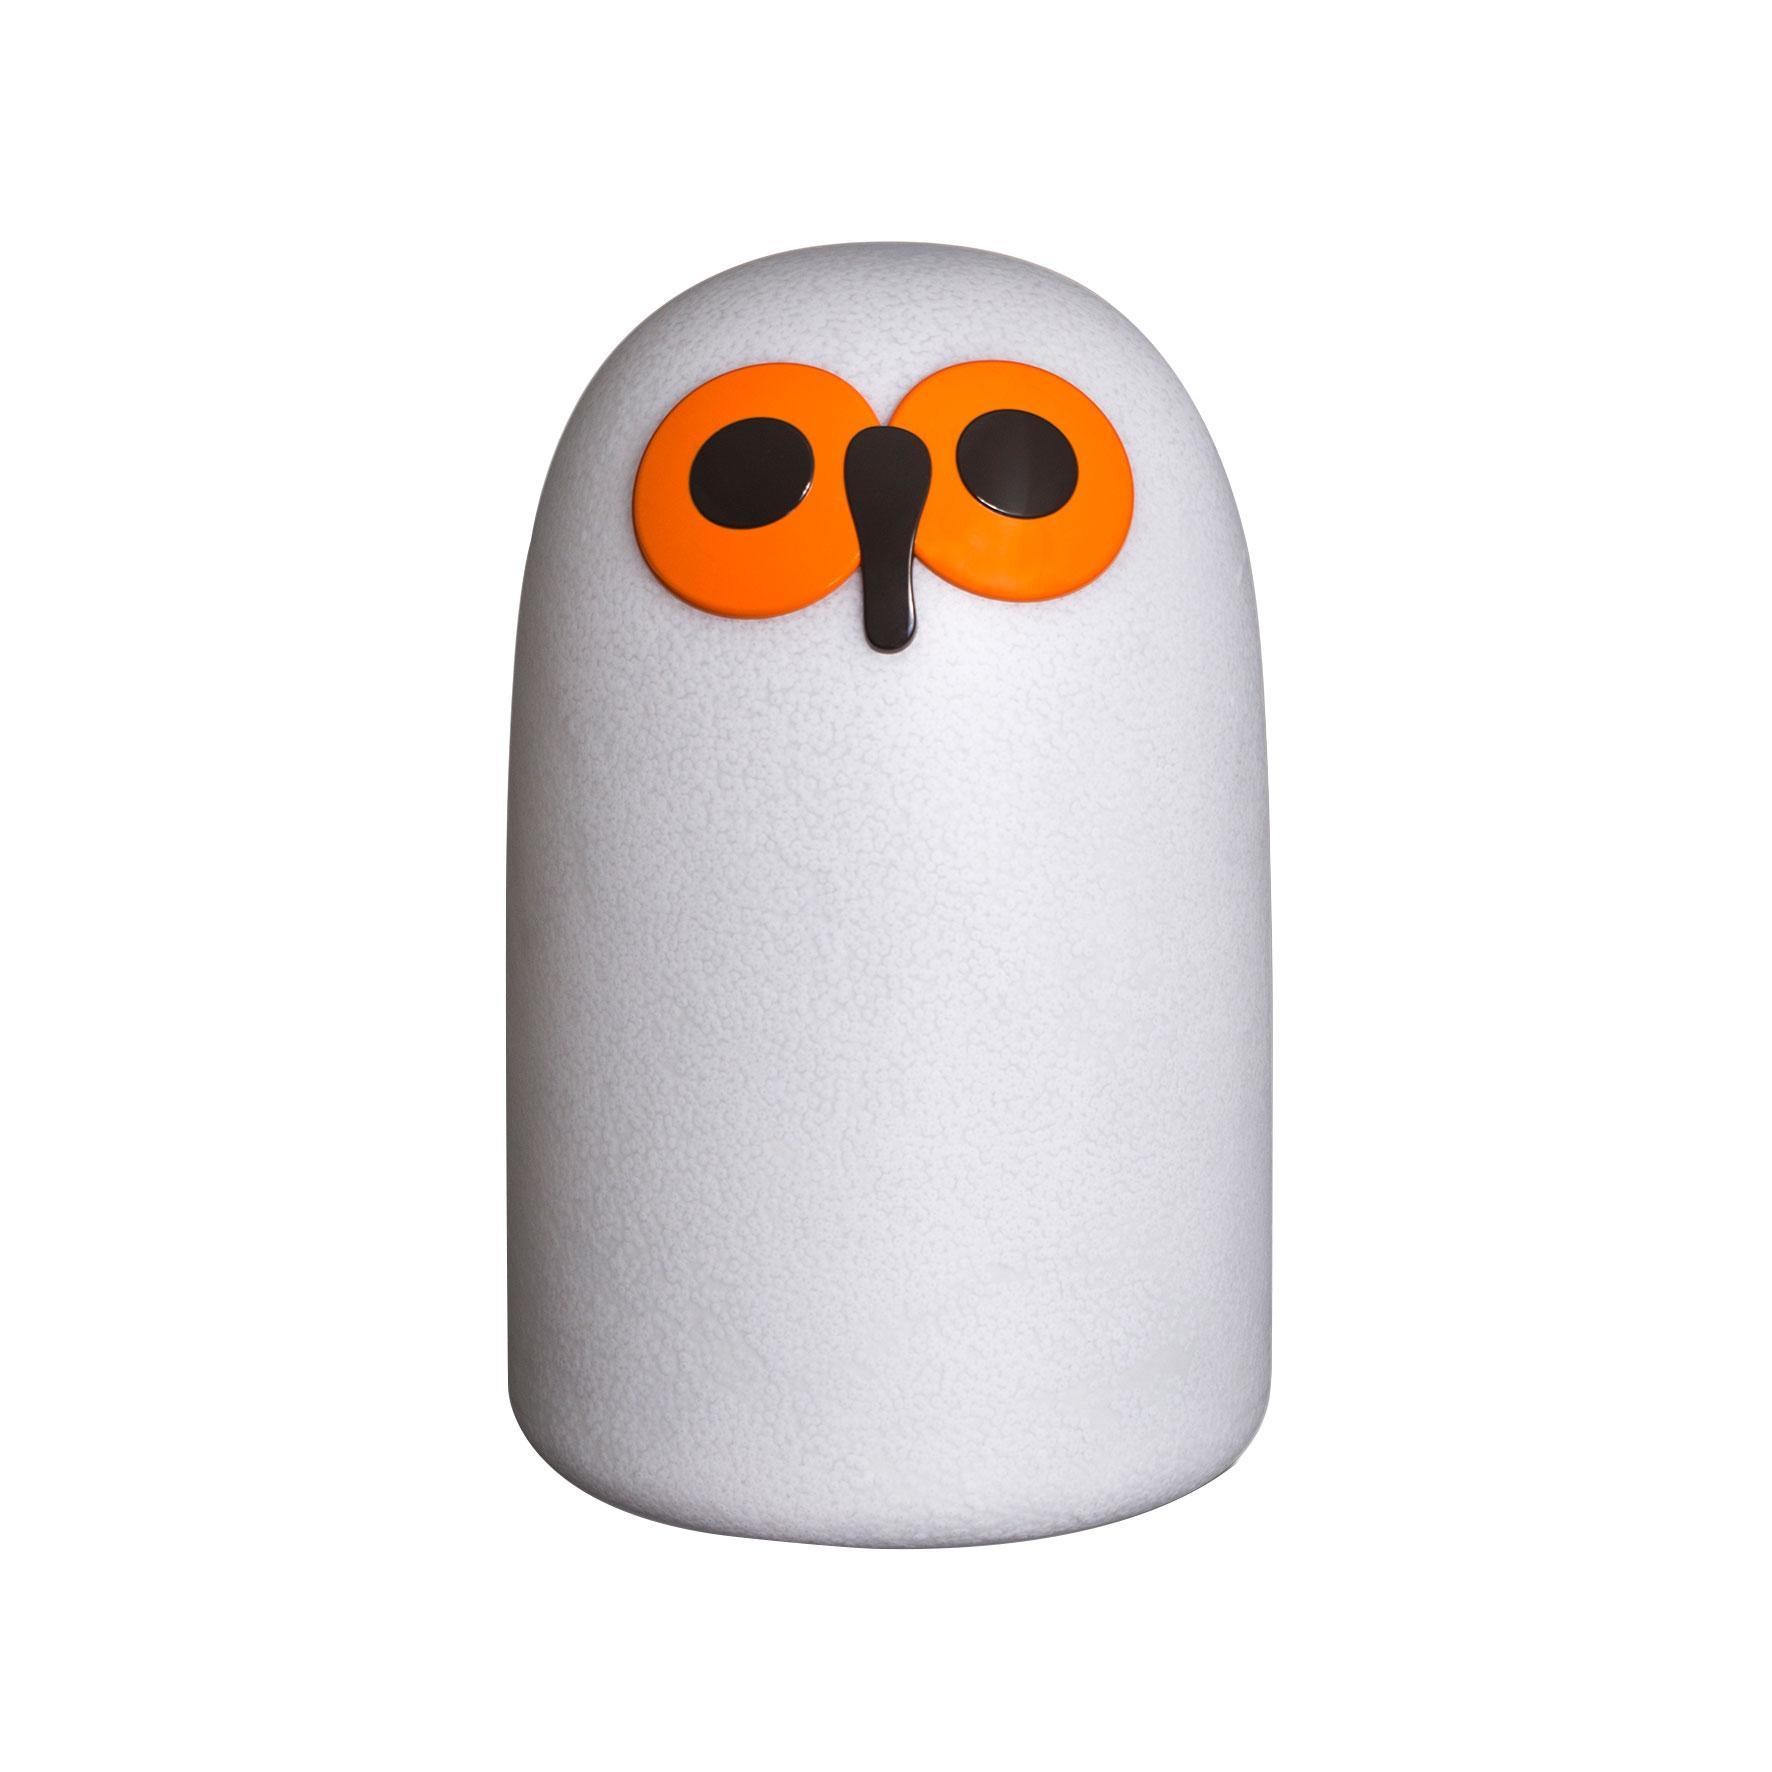 Magis - Lampe avec batterie LED Linnut Sulo S - blanc/lxHxP 13,5x21,5x13,5cm